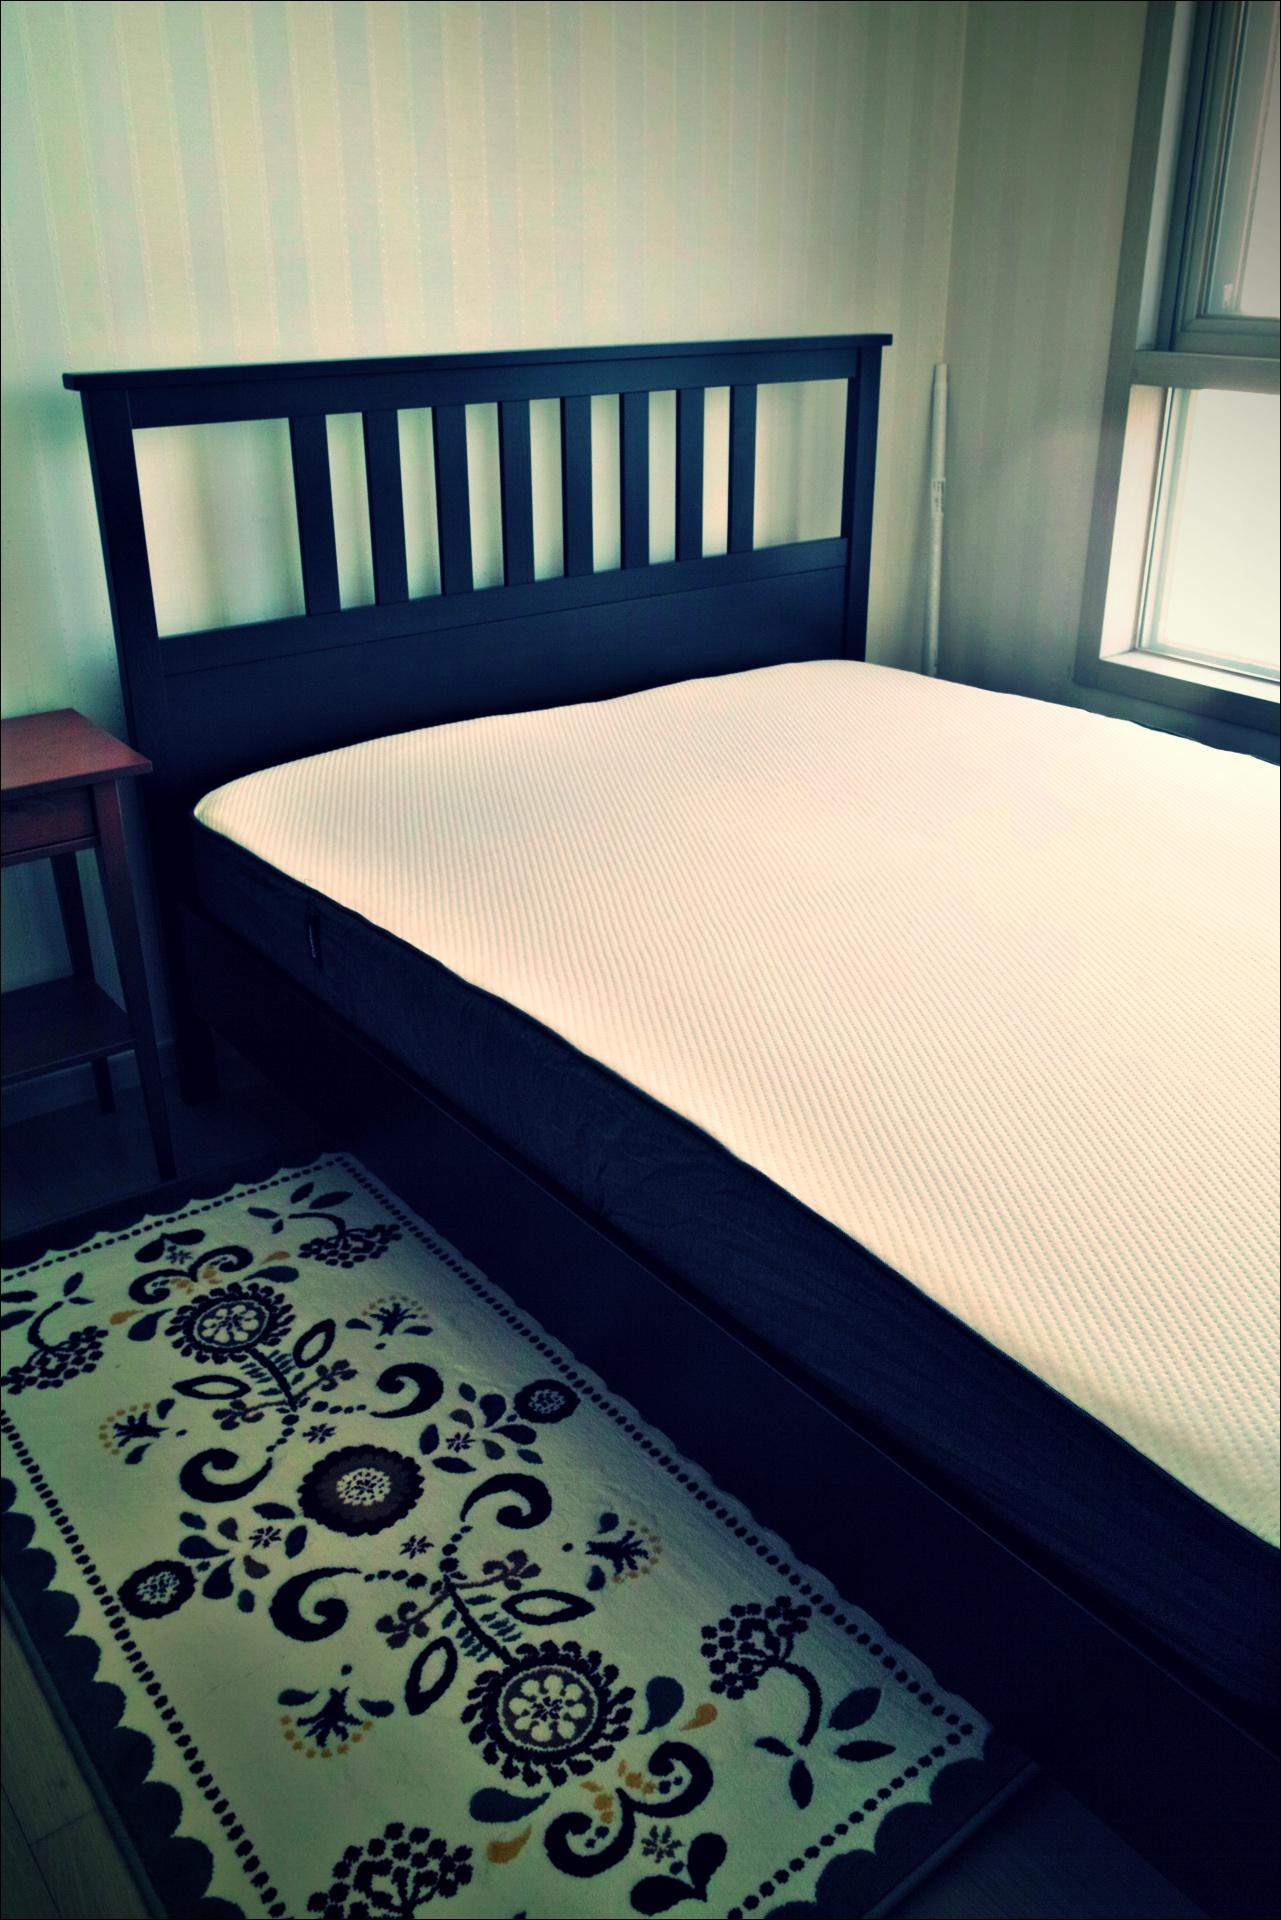 이케아 퀸 사이즈 프레임에 넣은 캐스퍼 매트리스-'캐스퍼 메모리폼 매트리스 the casper mattress'